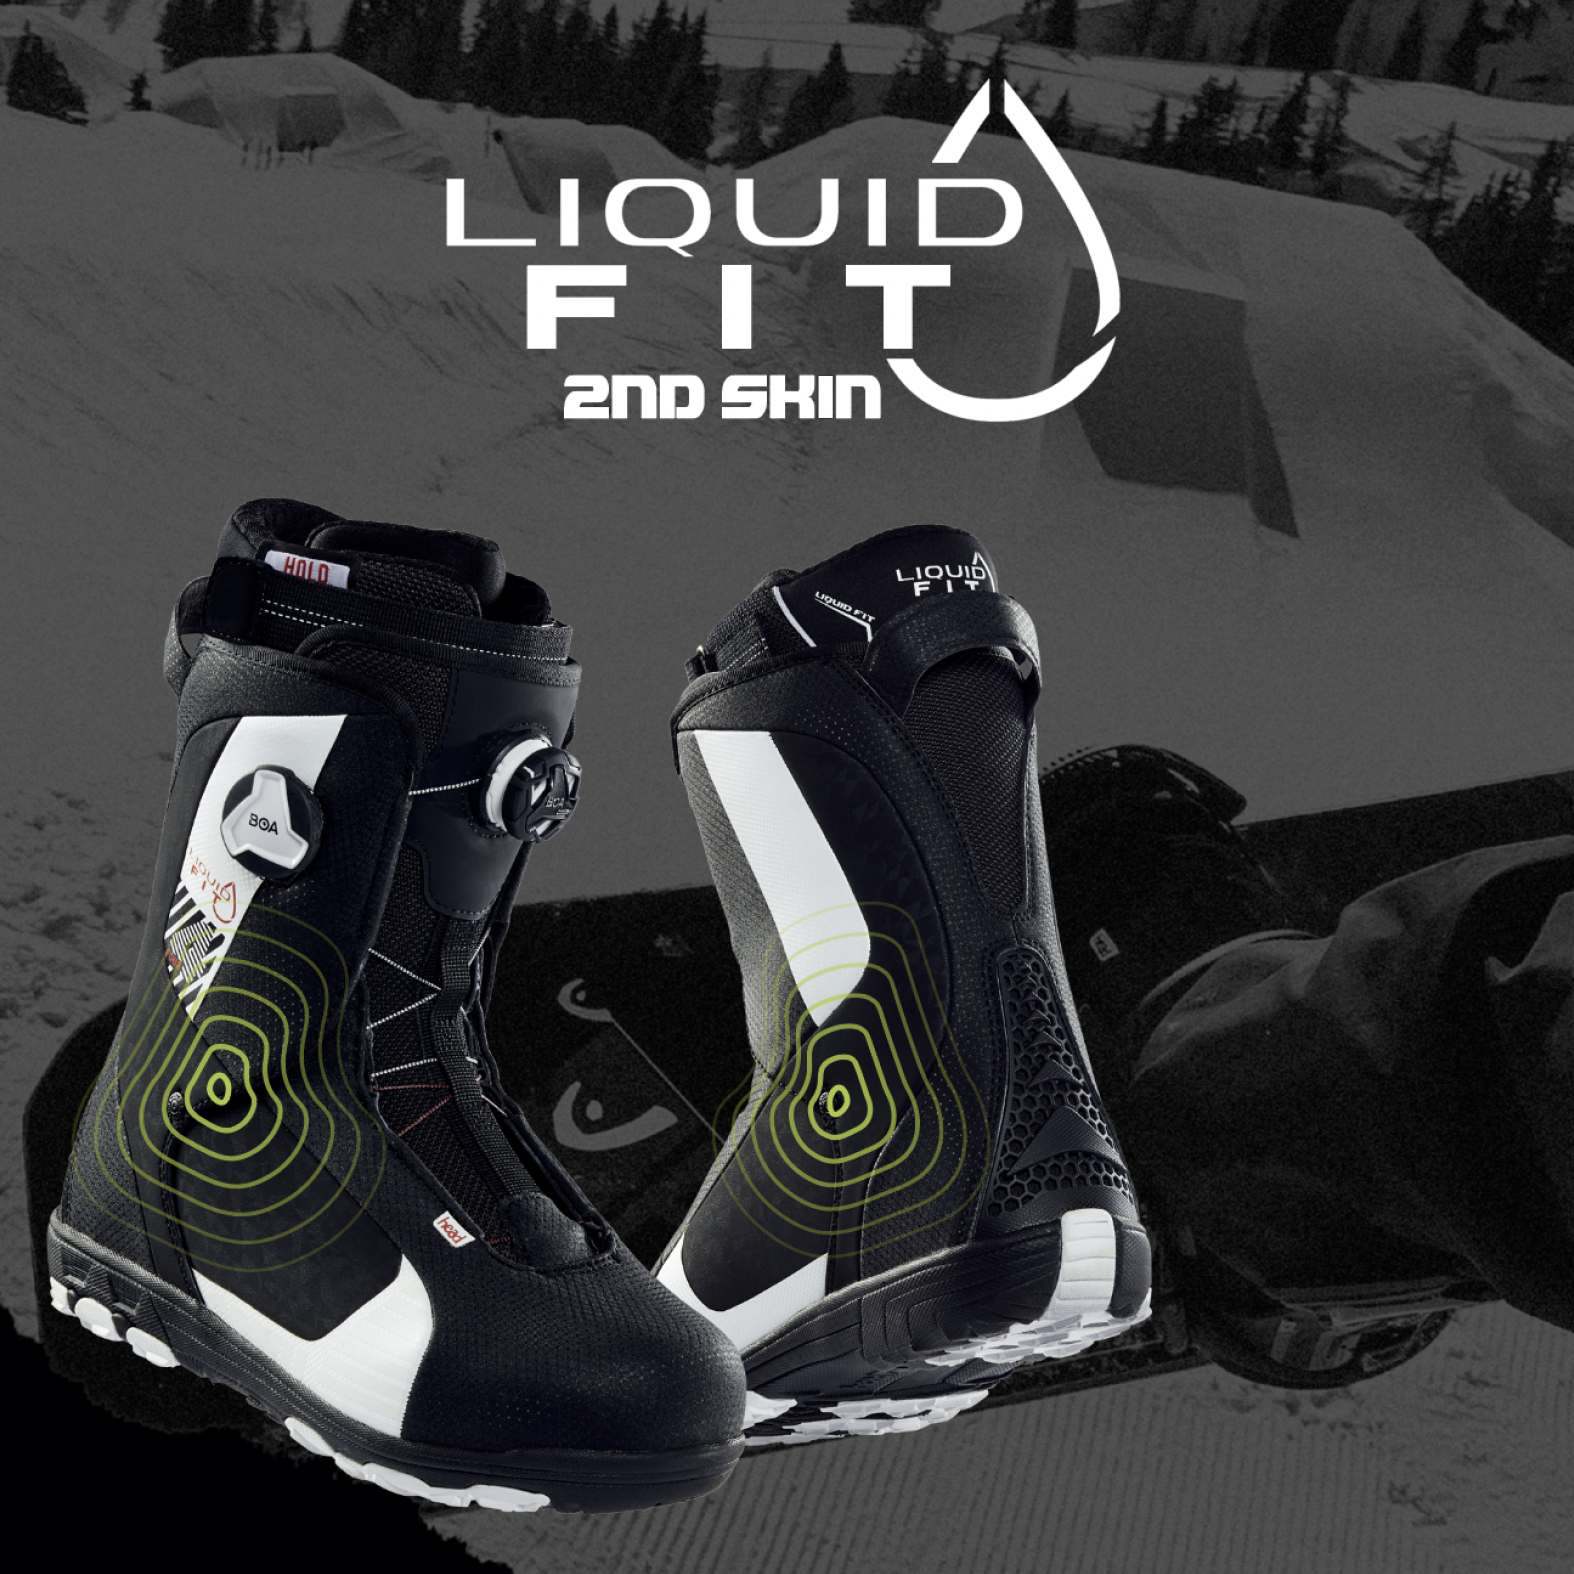 これまで以上にブーツのフィット感がアップ!  Liquid Fit テクノロジーとは?